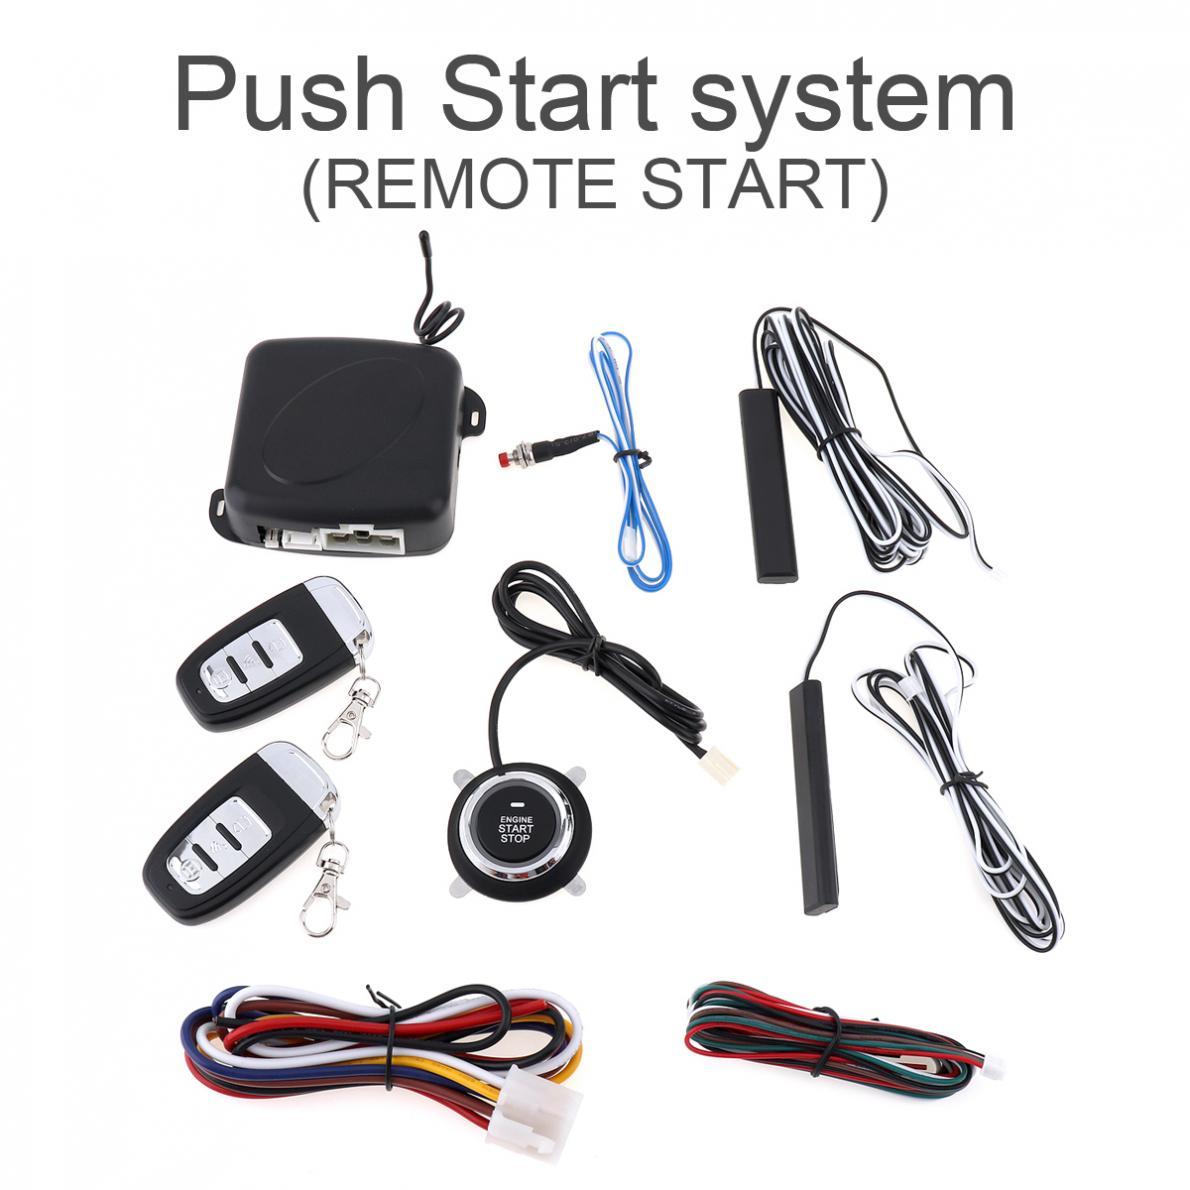 Smart Auto voiture alarme moteur Starline bouton poussoir démarrage arrêt RFID serrure interrupteur d'allumage sans clé système d'entrée démarreur Anti-vol